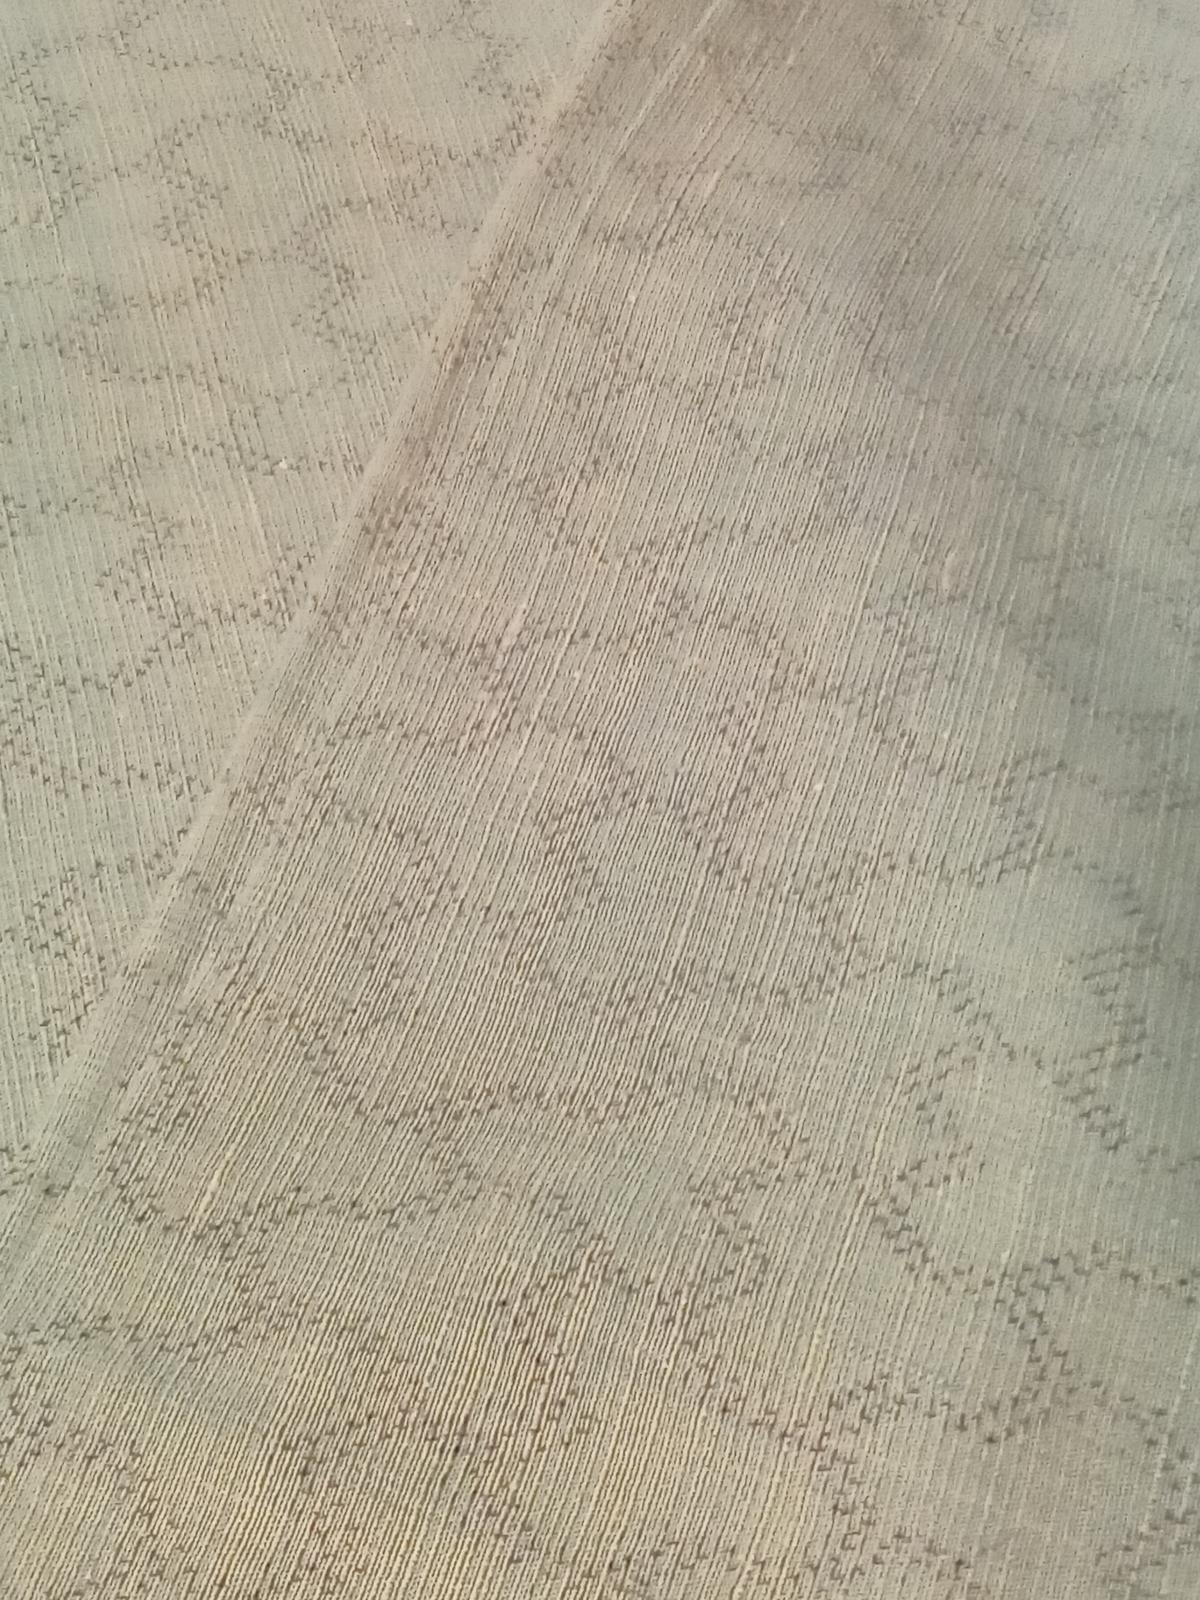 f:id:uribouwataru:20210827002005j:plain